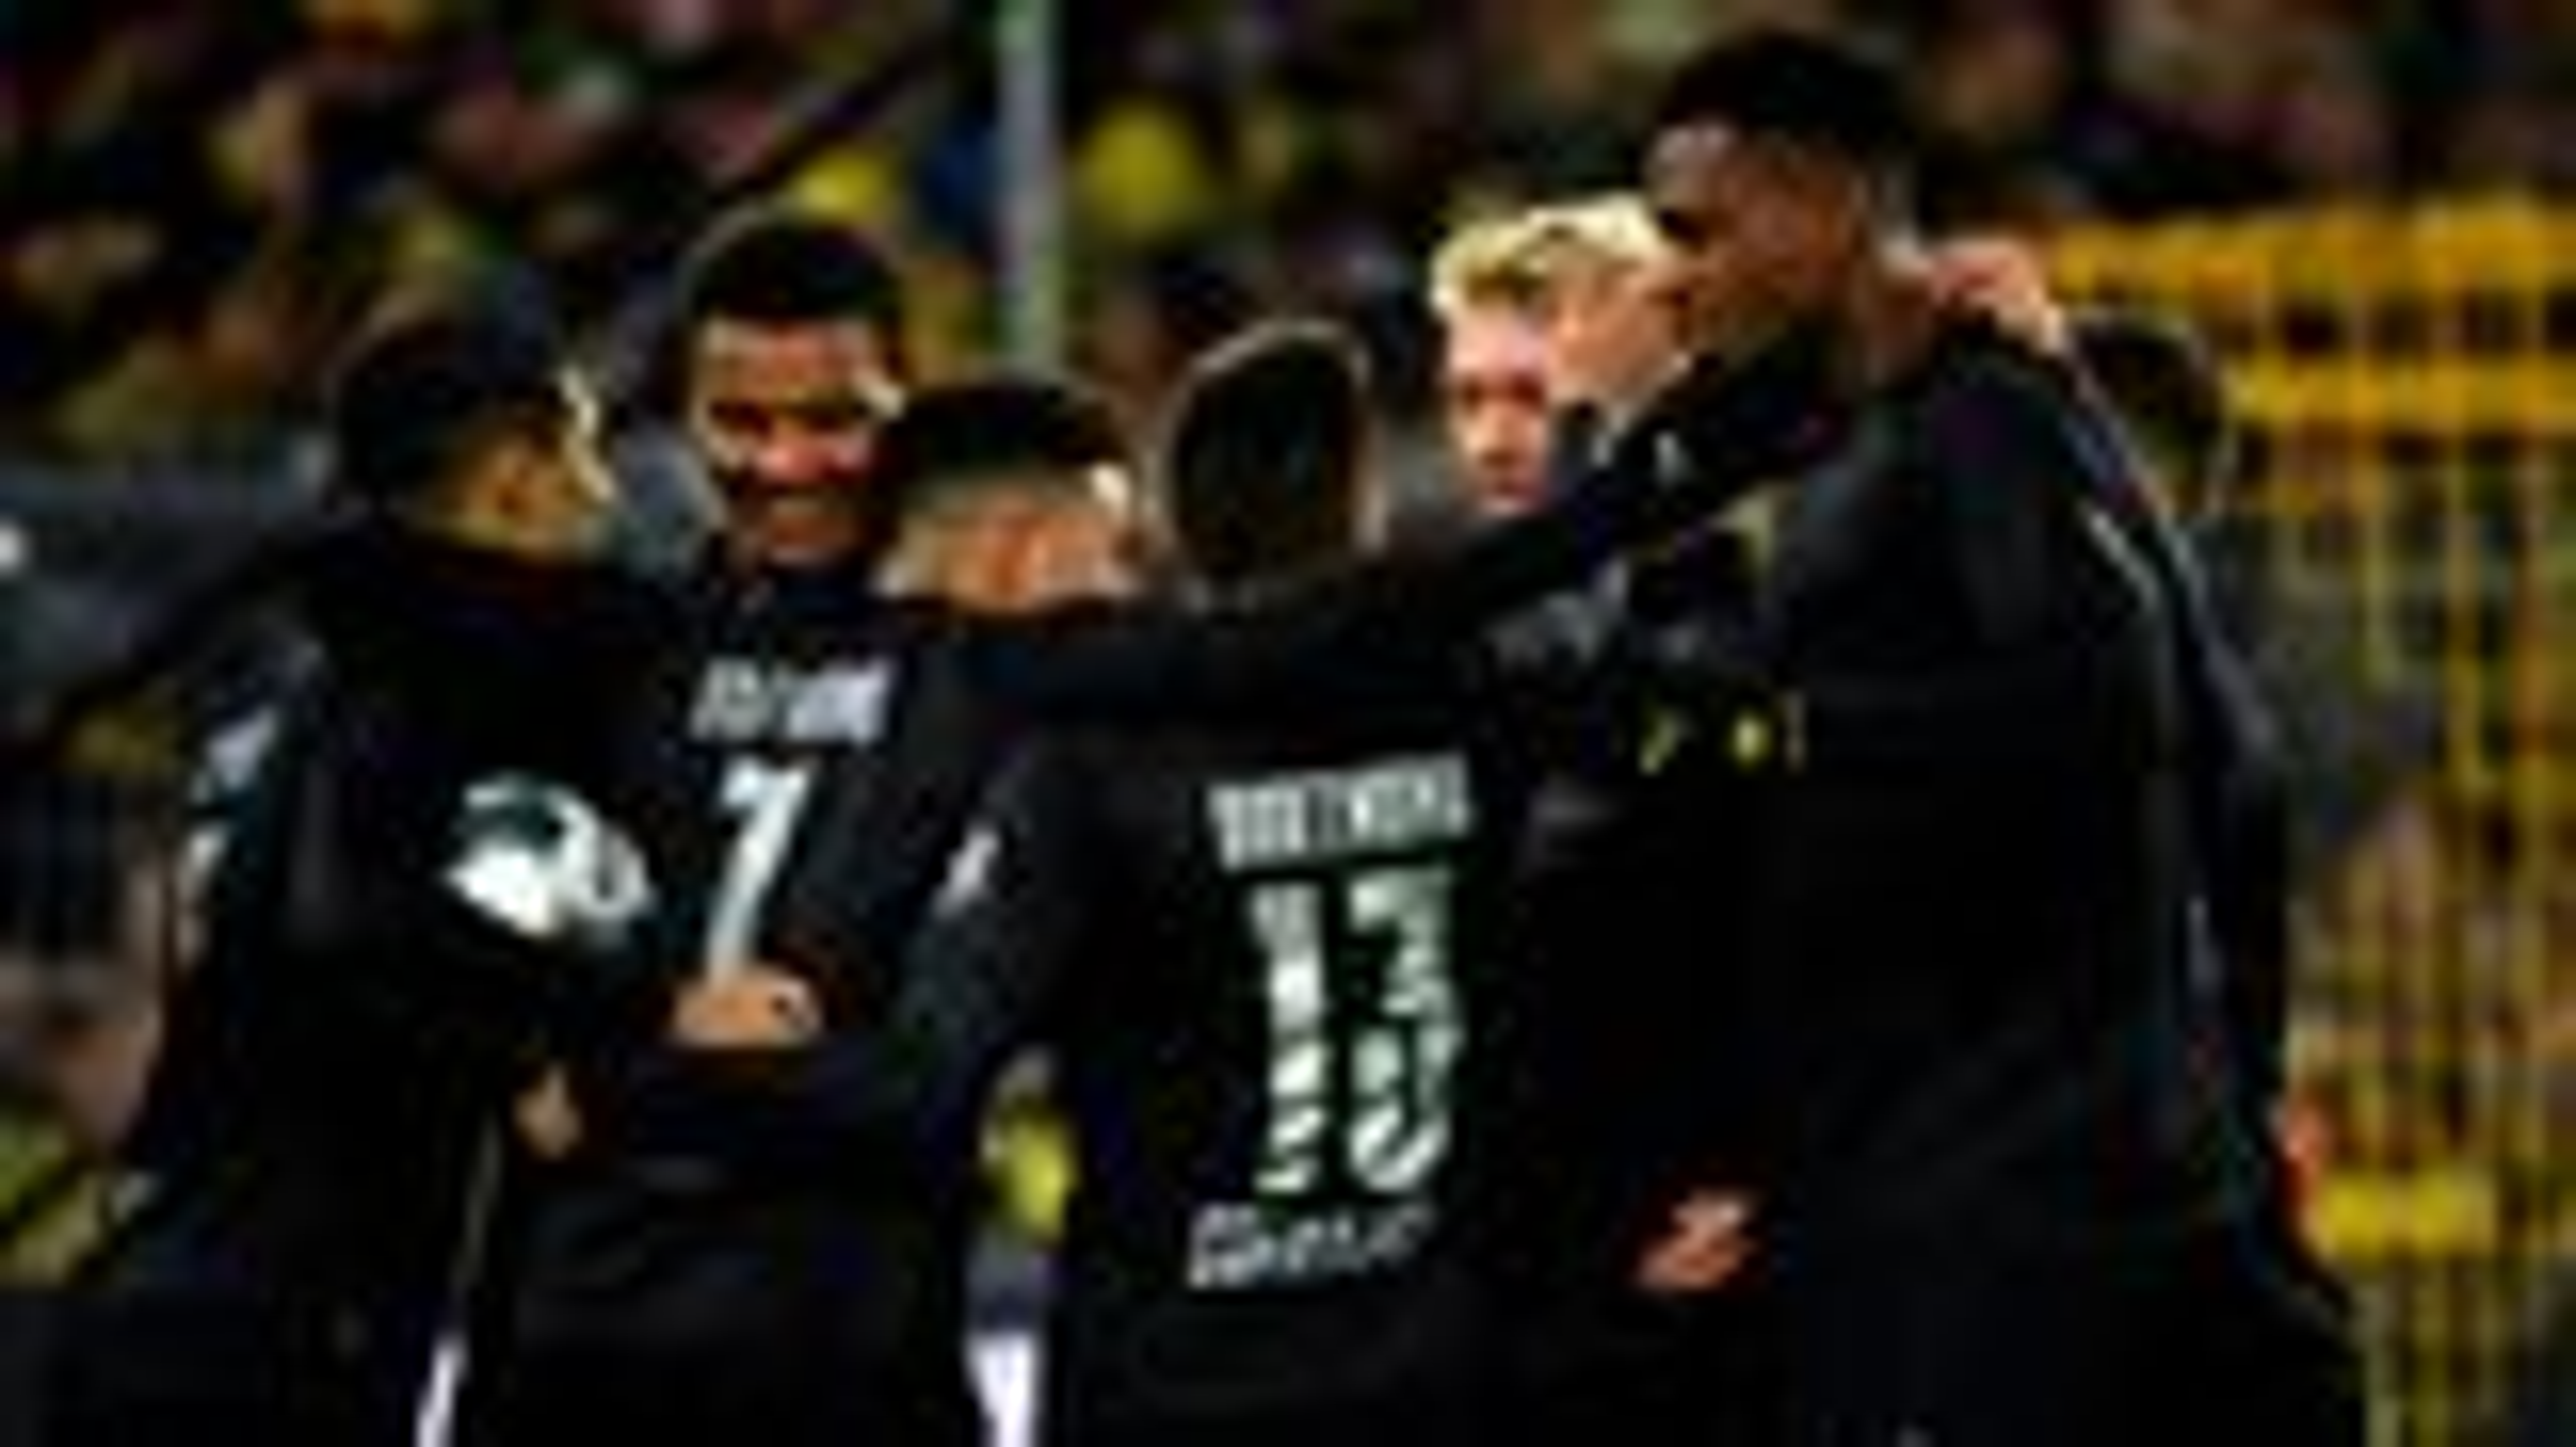 Five-star Dortmund dismantle Düsseldorf